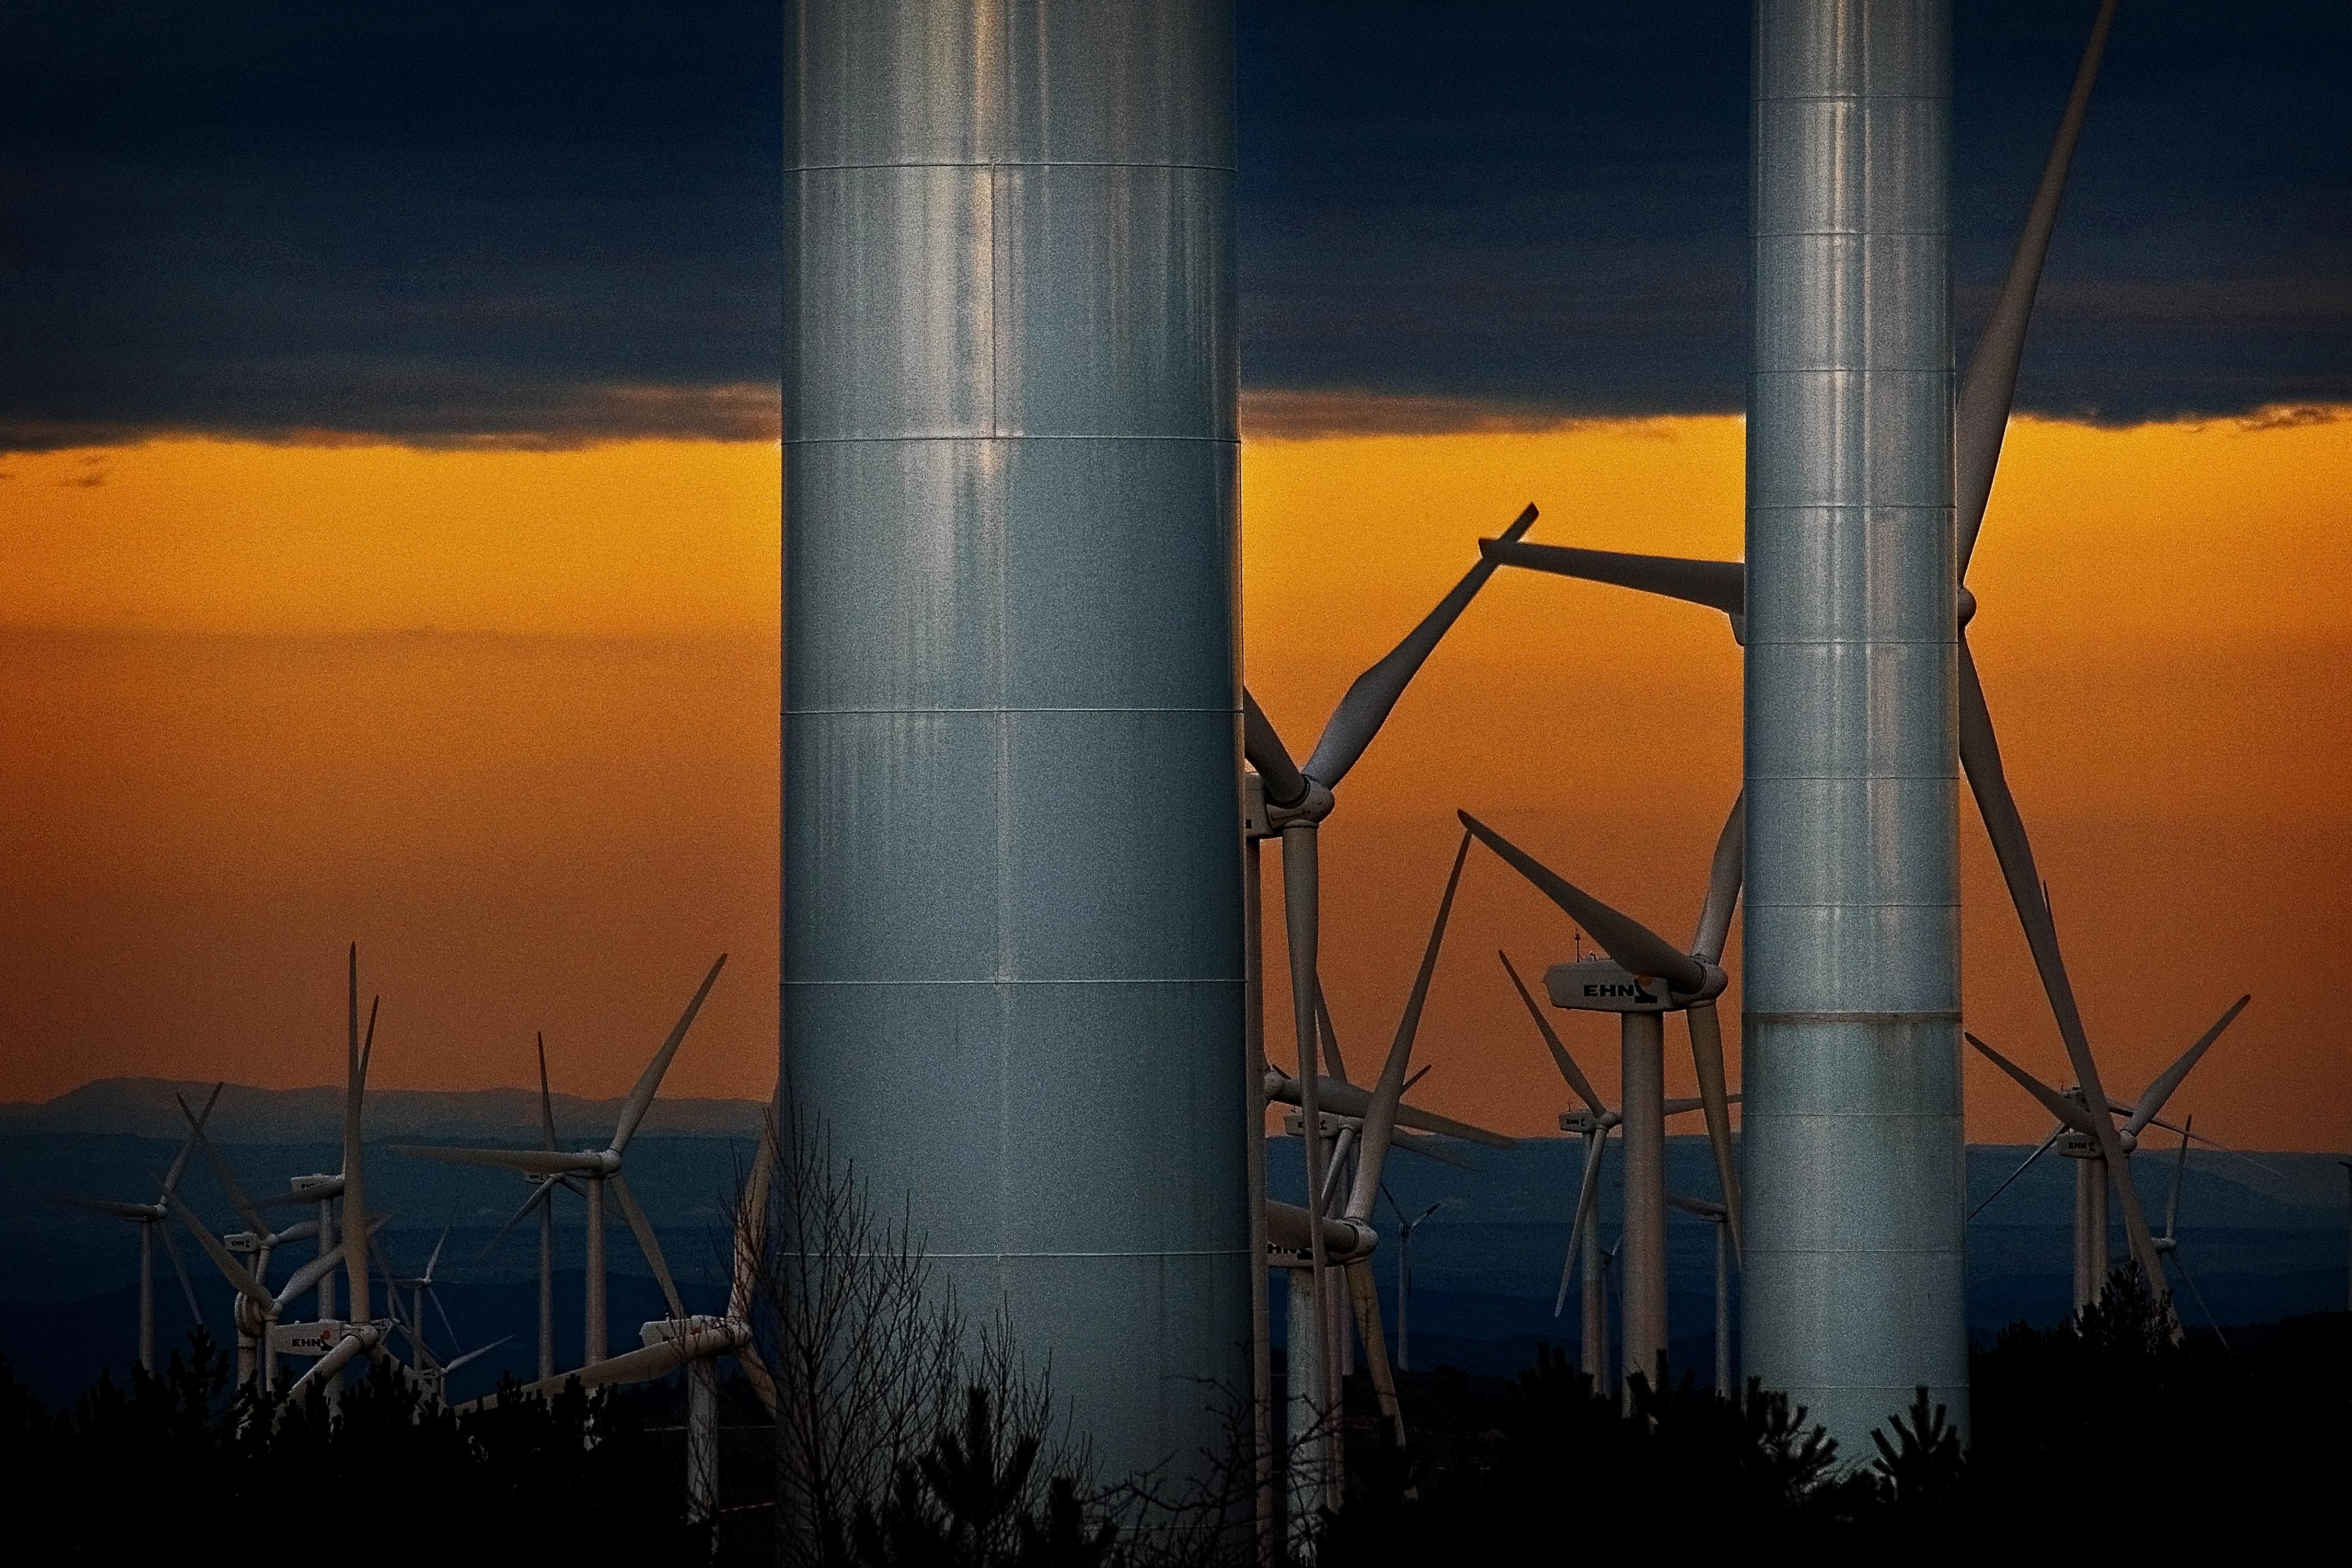 La eólica supondrá el 16,7% del consumo eléctrico en el mundo en 2017, según la AIE